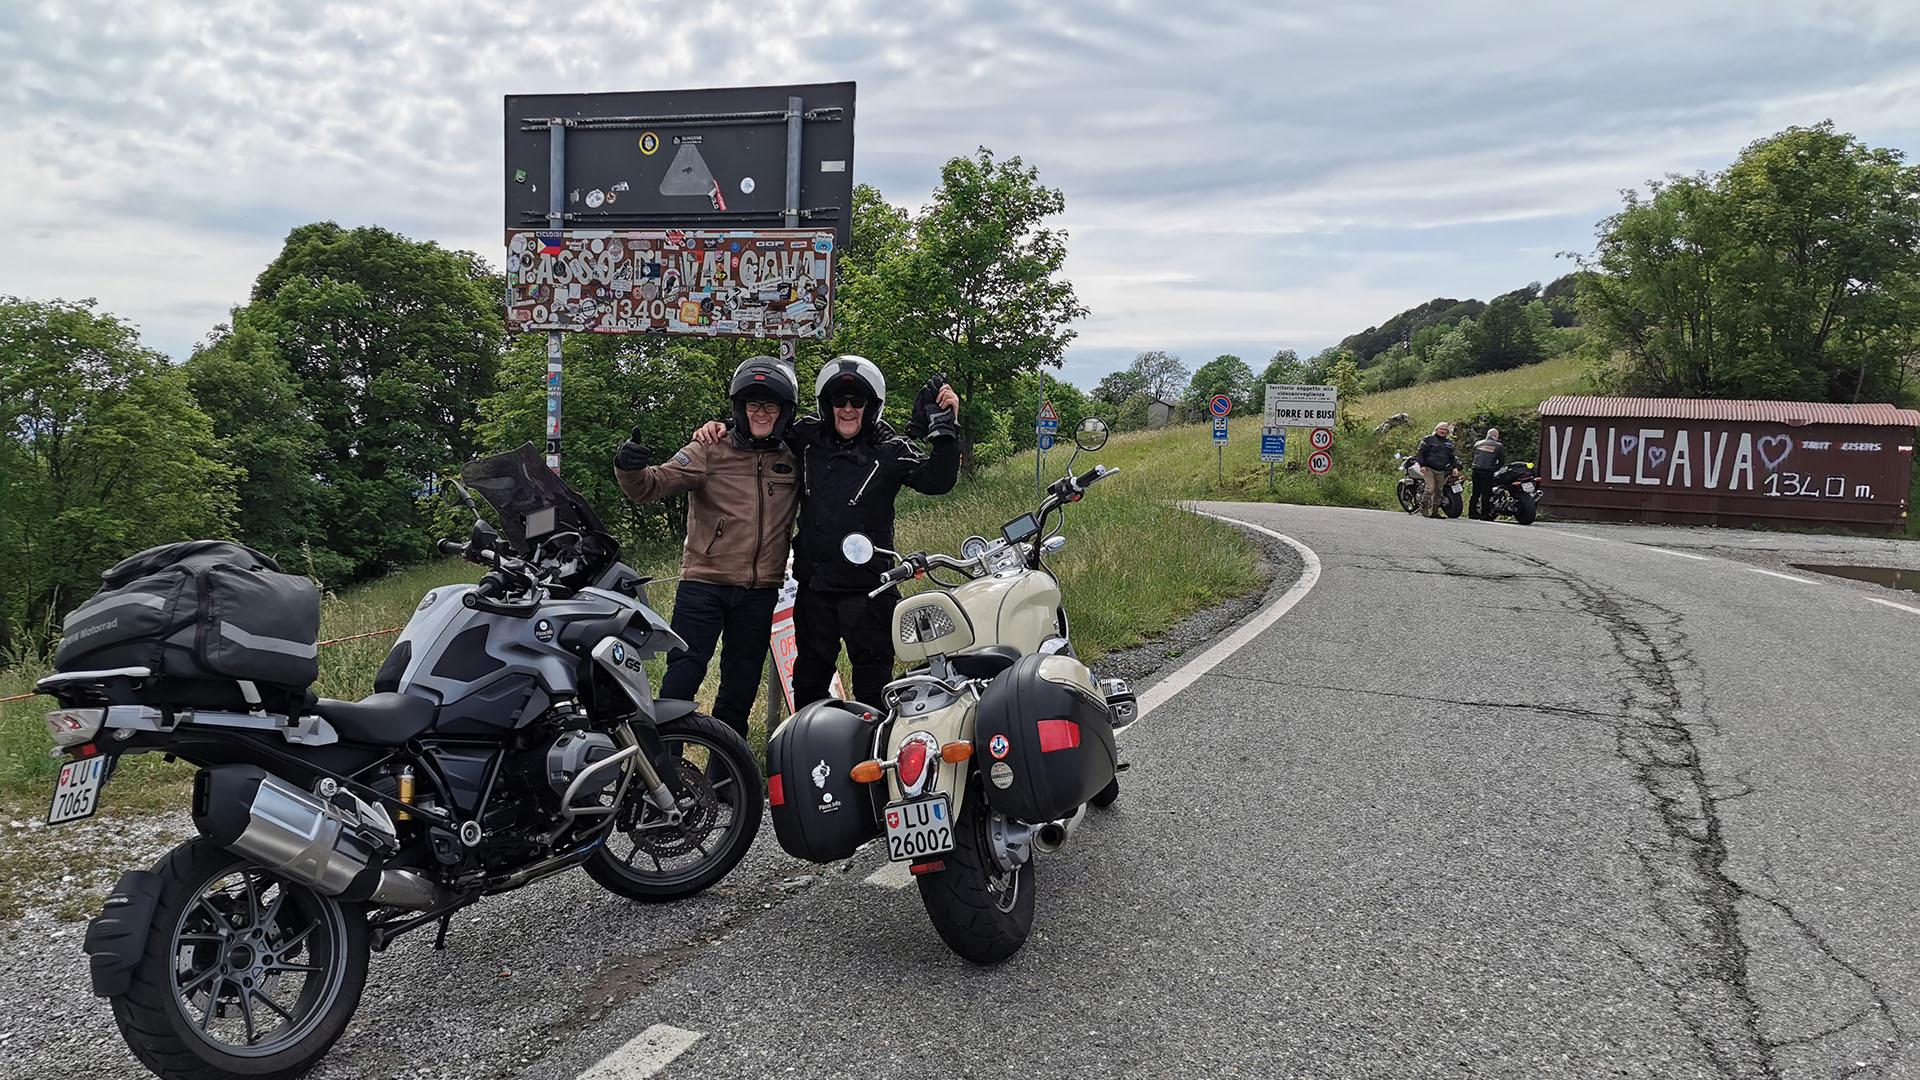 1340 - I - Passo di Valcava